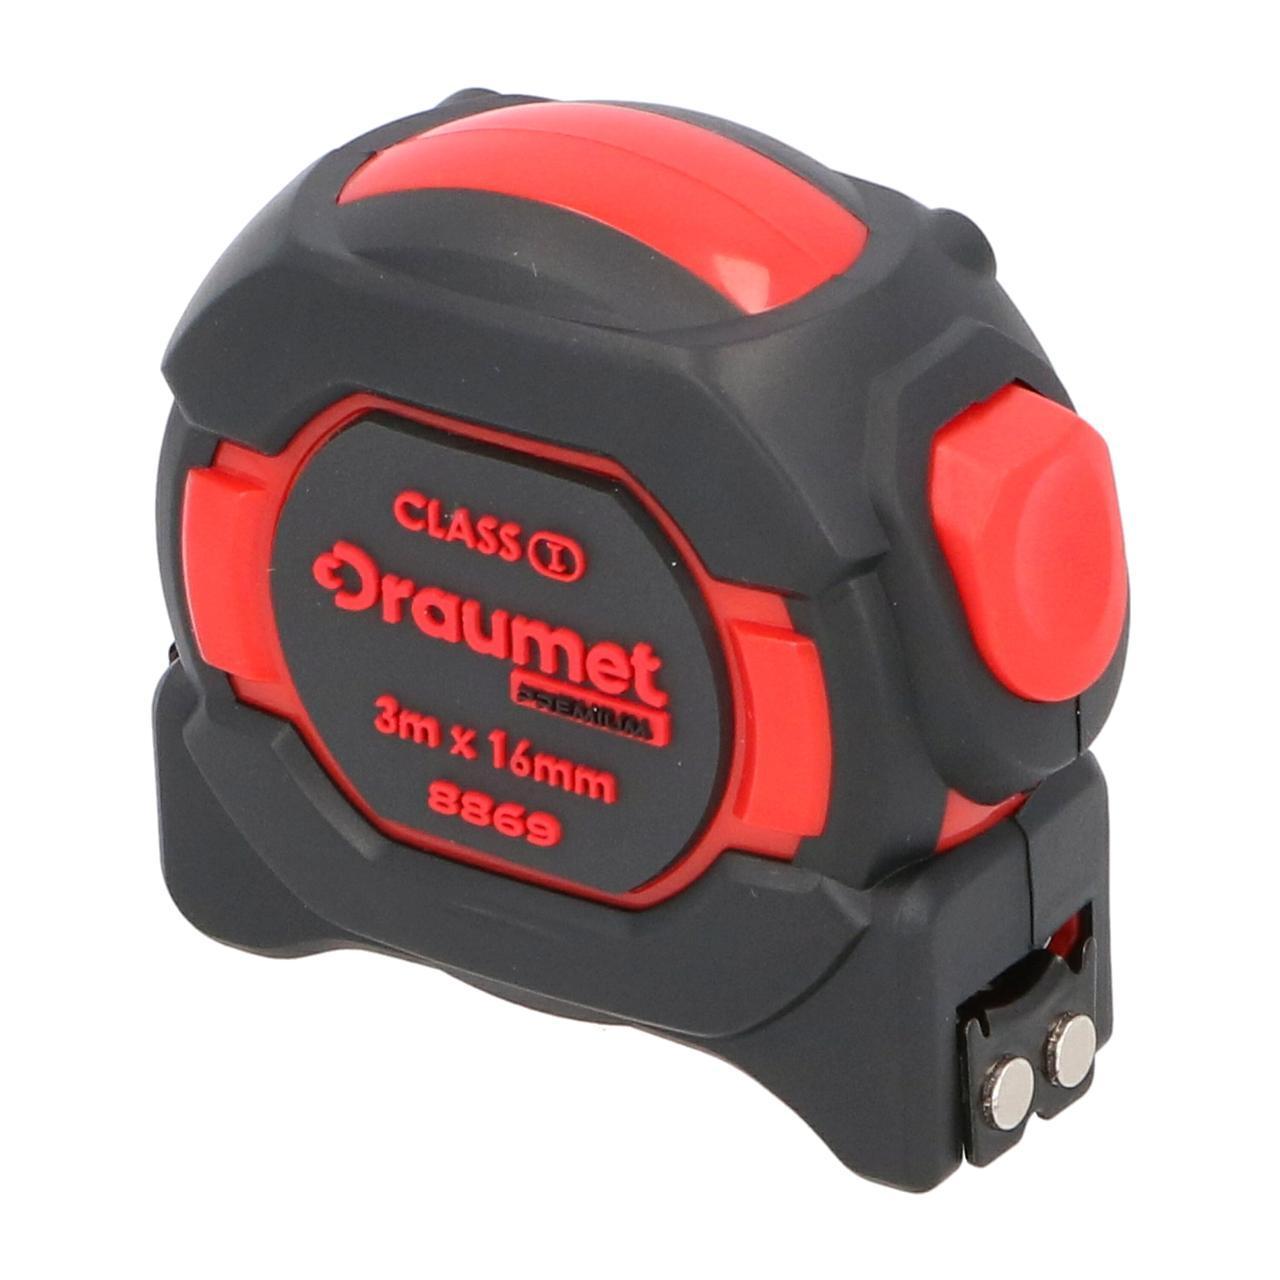 Рулетка з магнітом I клас точності 3 м х 16 мм DRAUMET